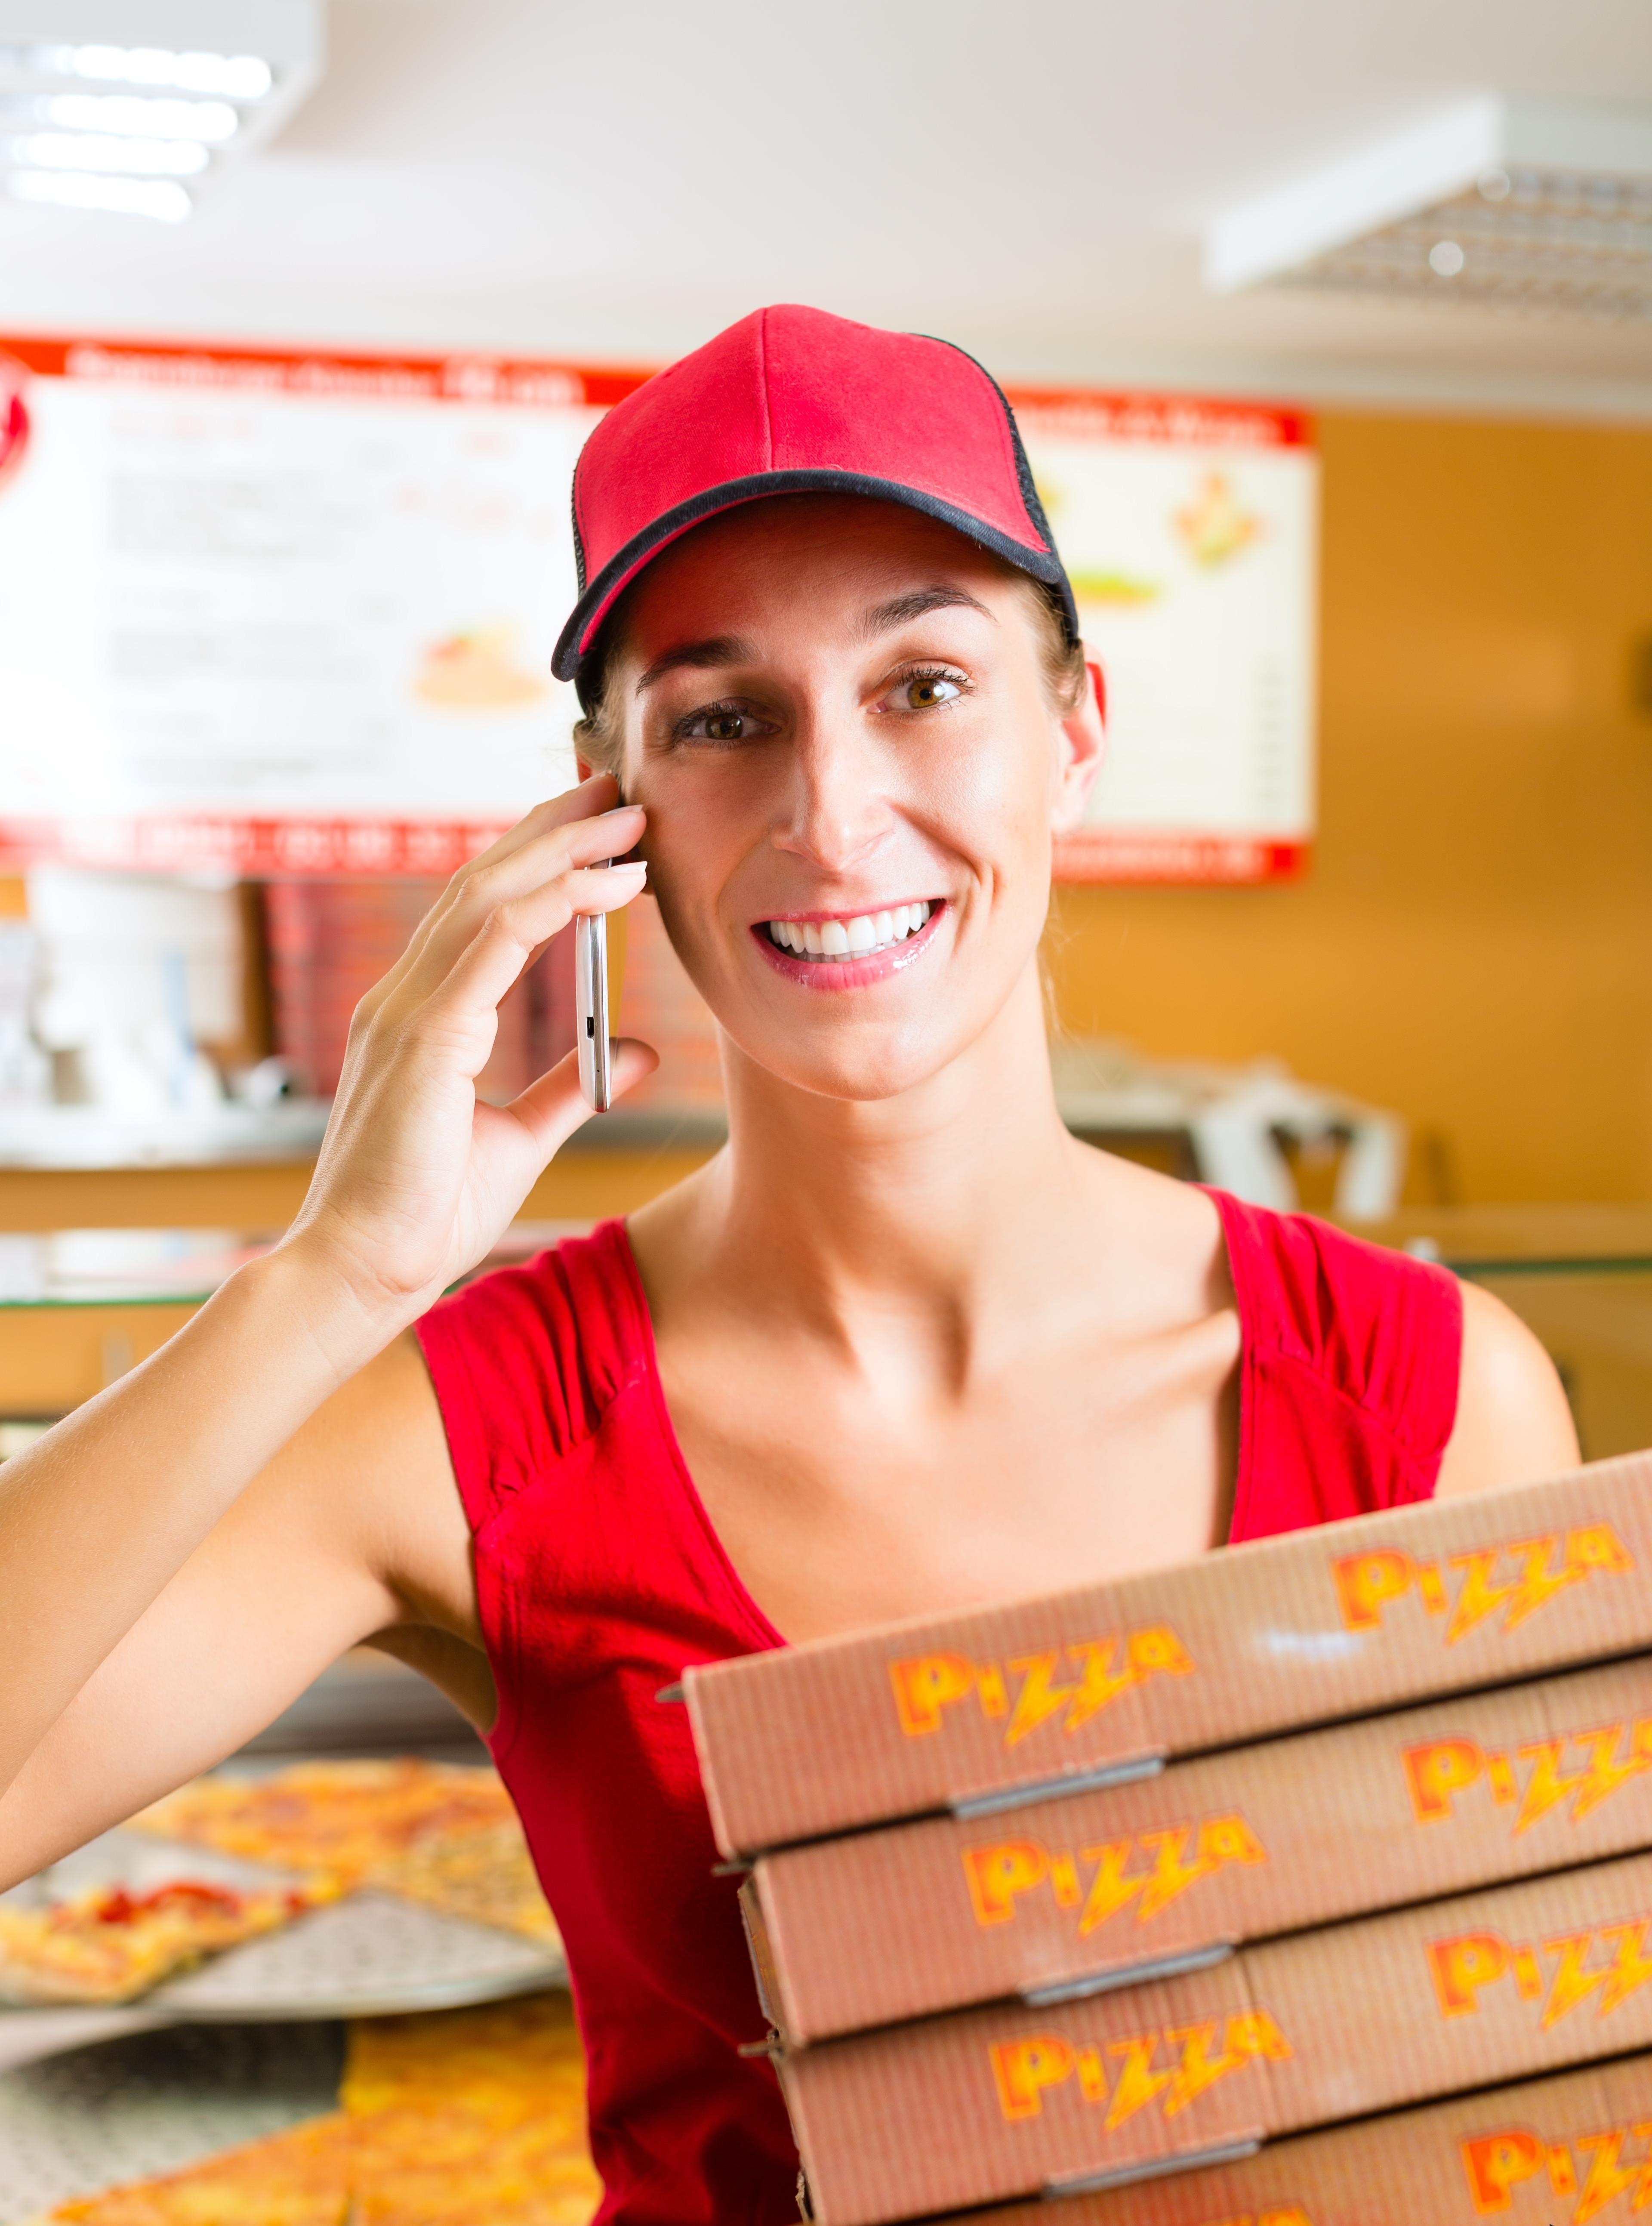 Удобства доставки еды на дом — Еда и ...: mygazeta.com/образ-жизни/удобства...